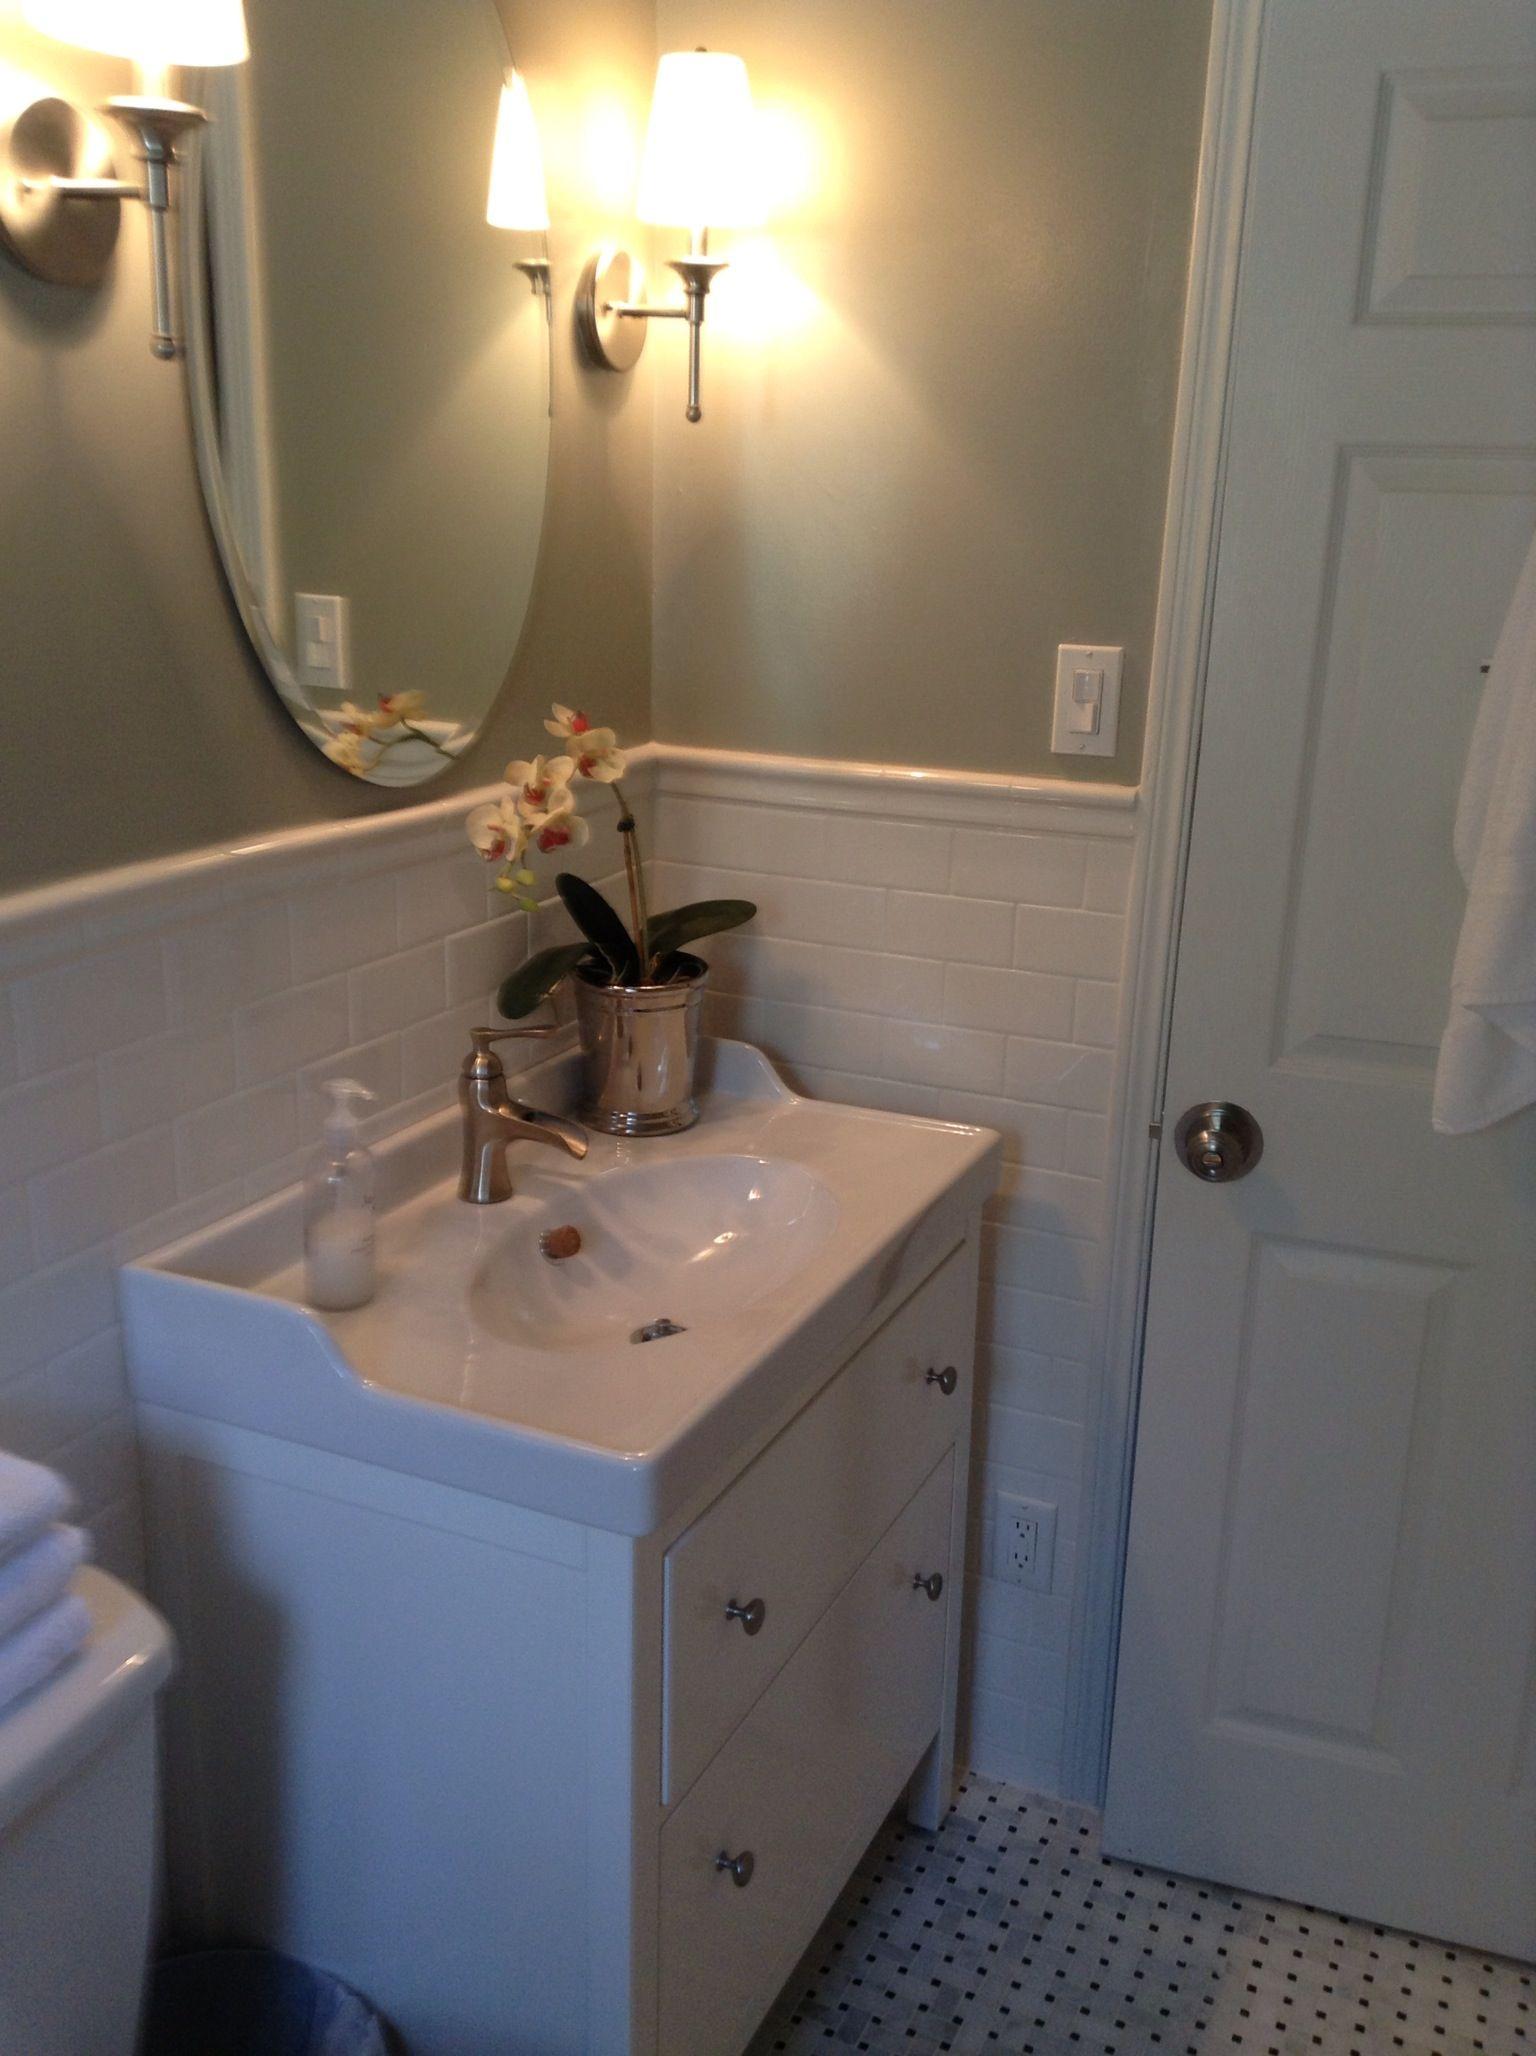 Small bathroom sinks ikea - Ikea Bathroom Sink